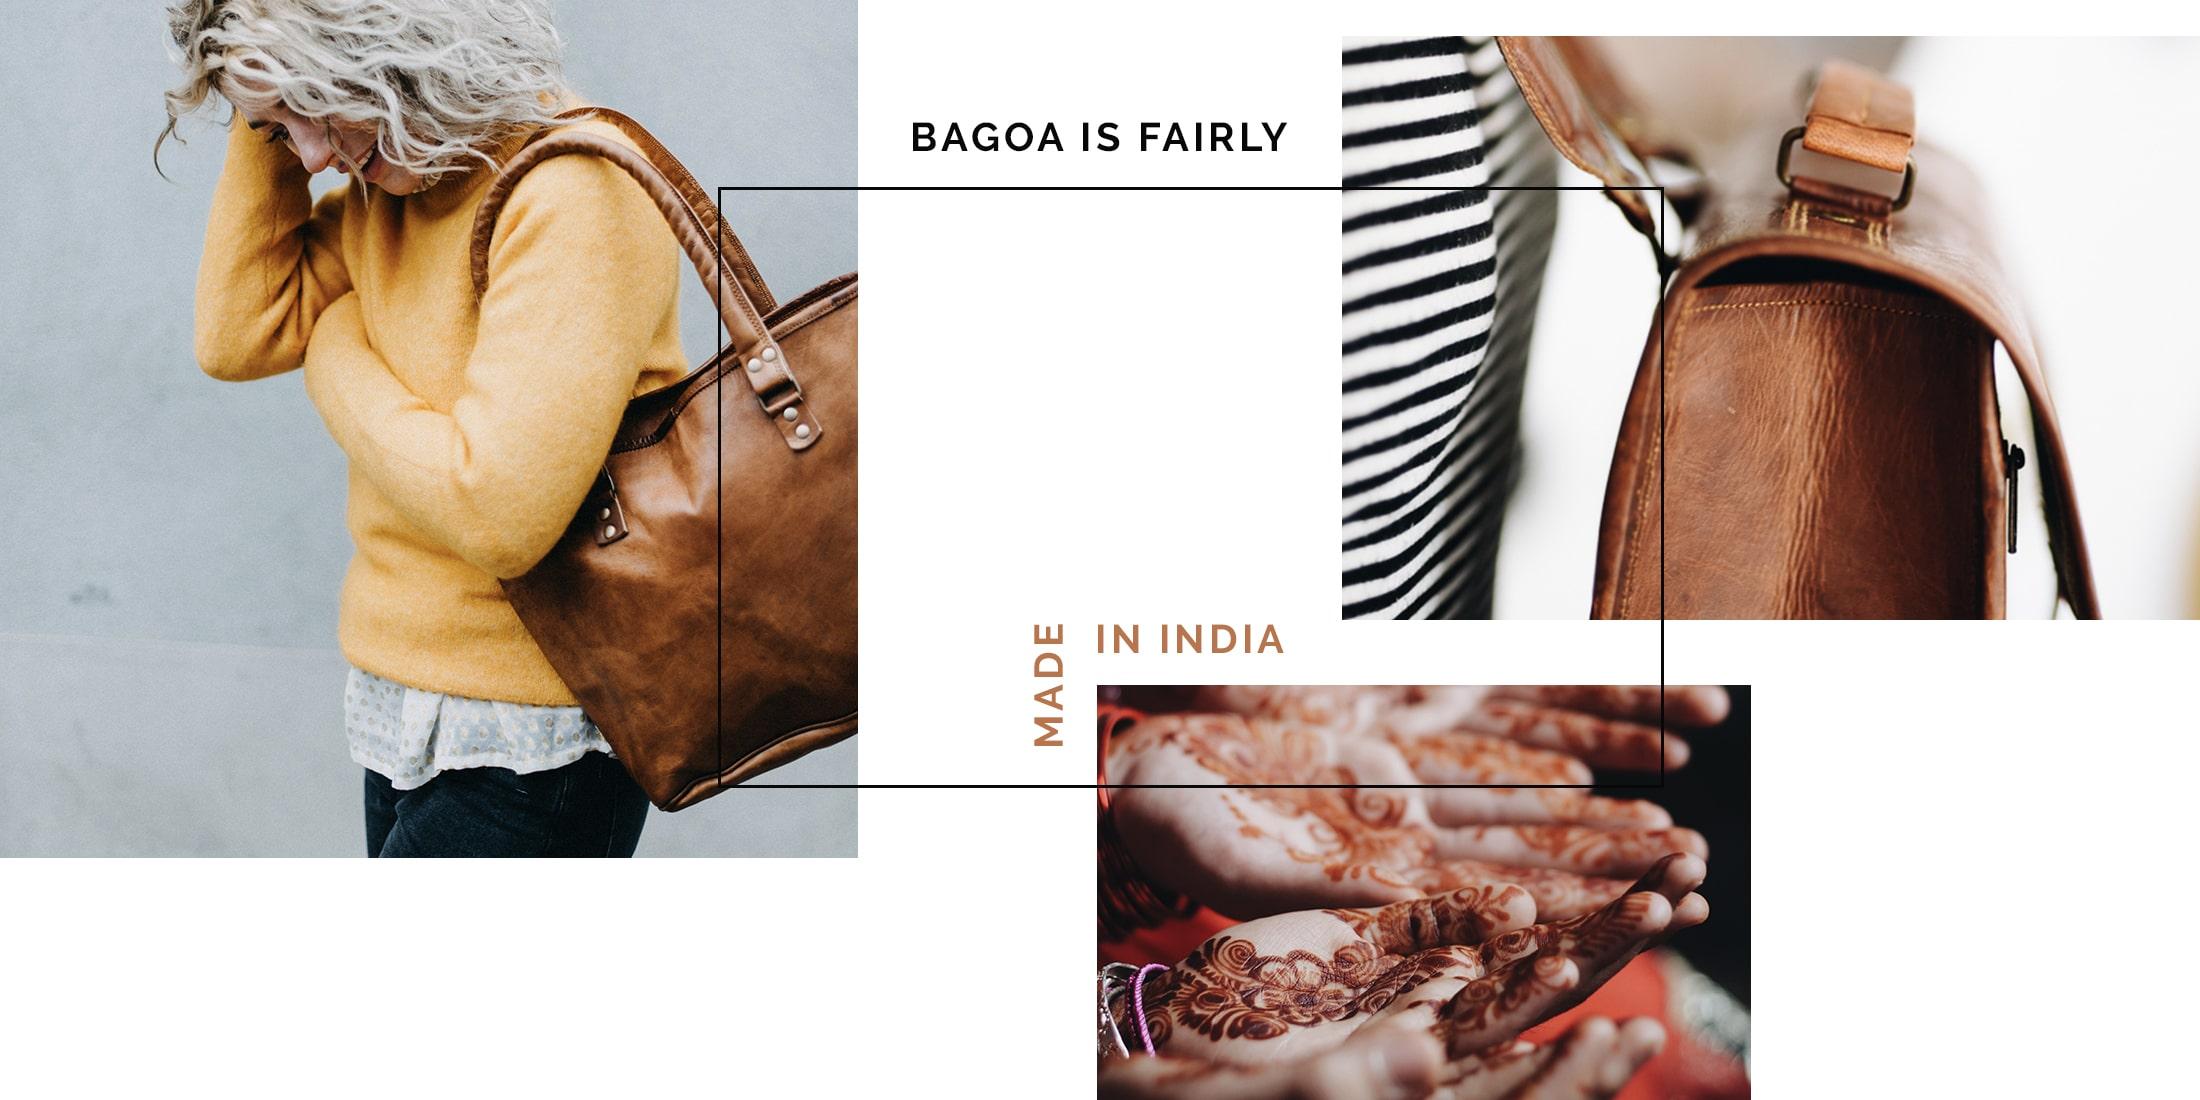 BAGOA - Eerlijk & duurzame tassen handgemaakt in India